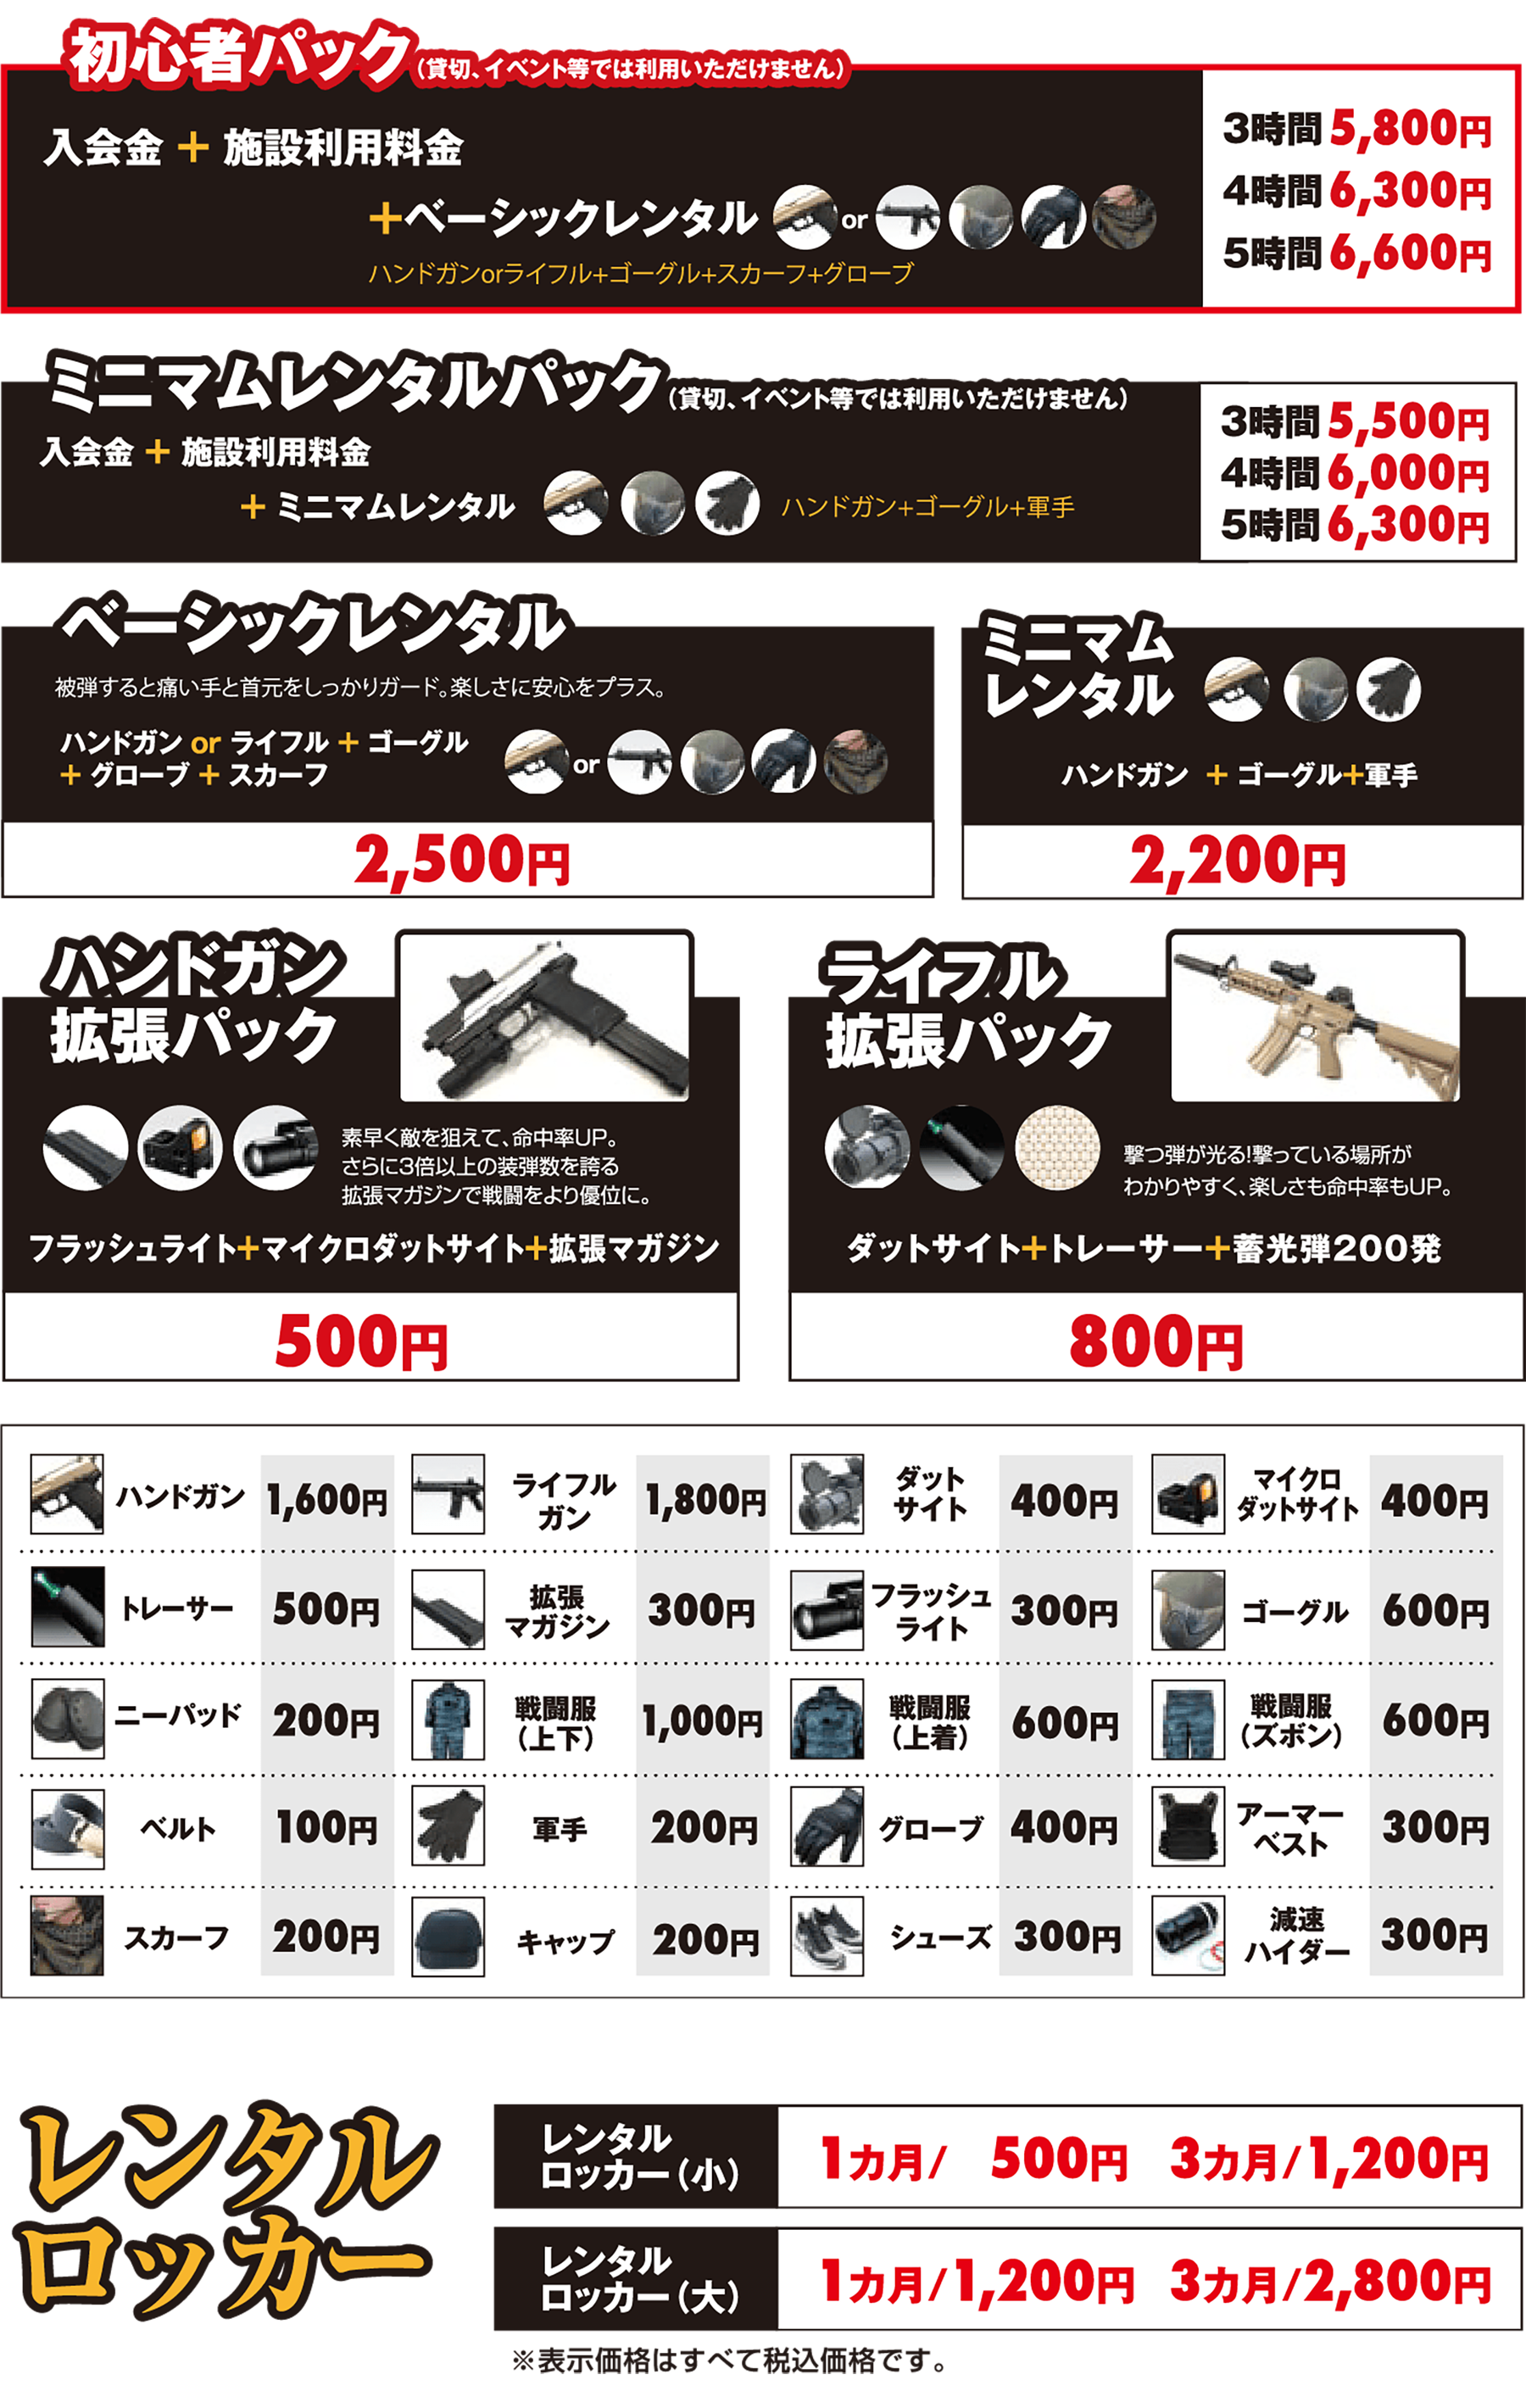 埼玉でサバイバルゲームをするならBrave Point 埼玉上福岡店 | レンタル案内